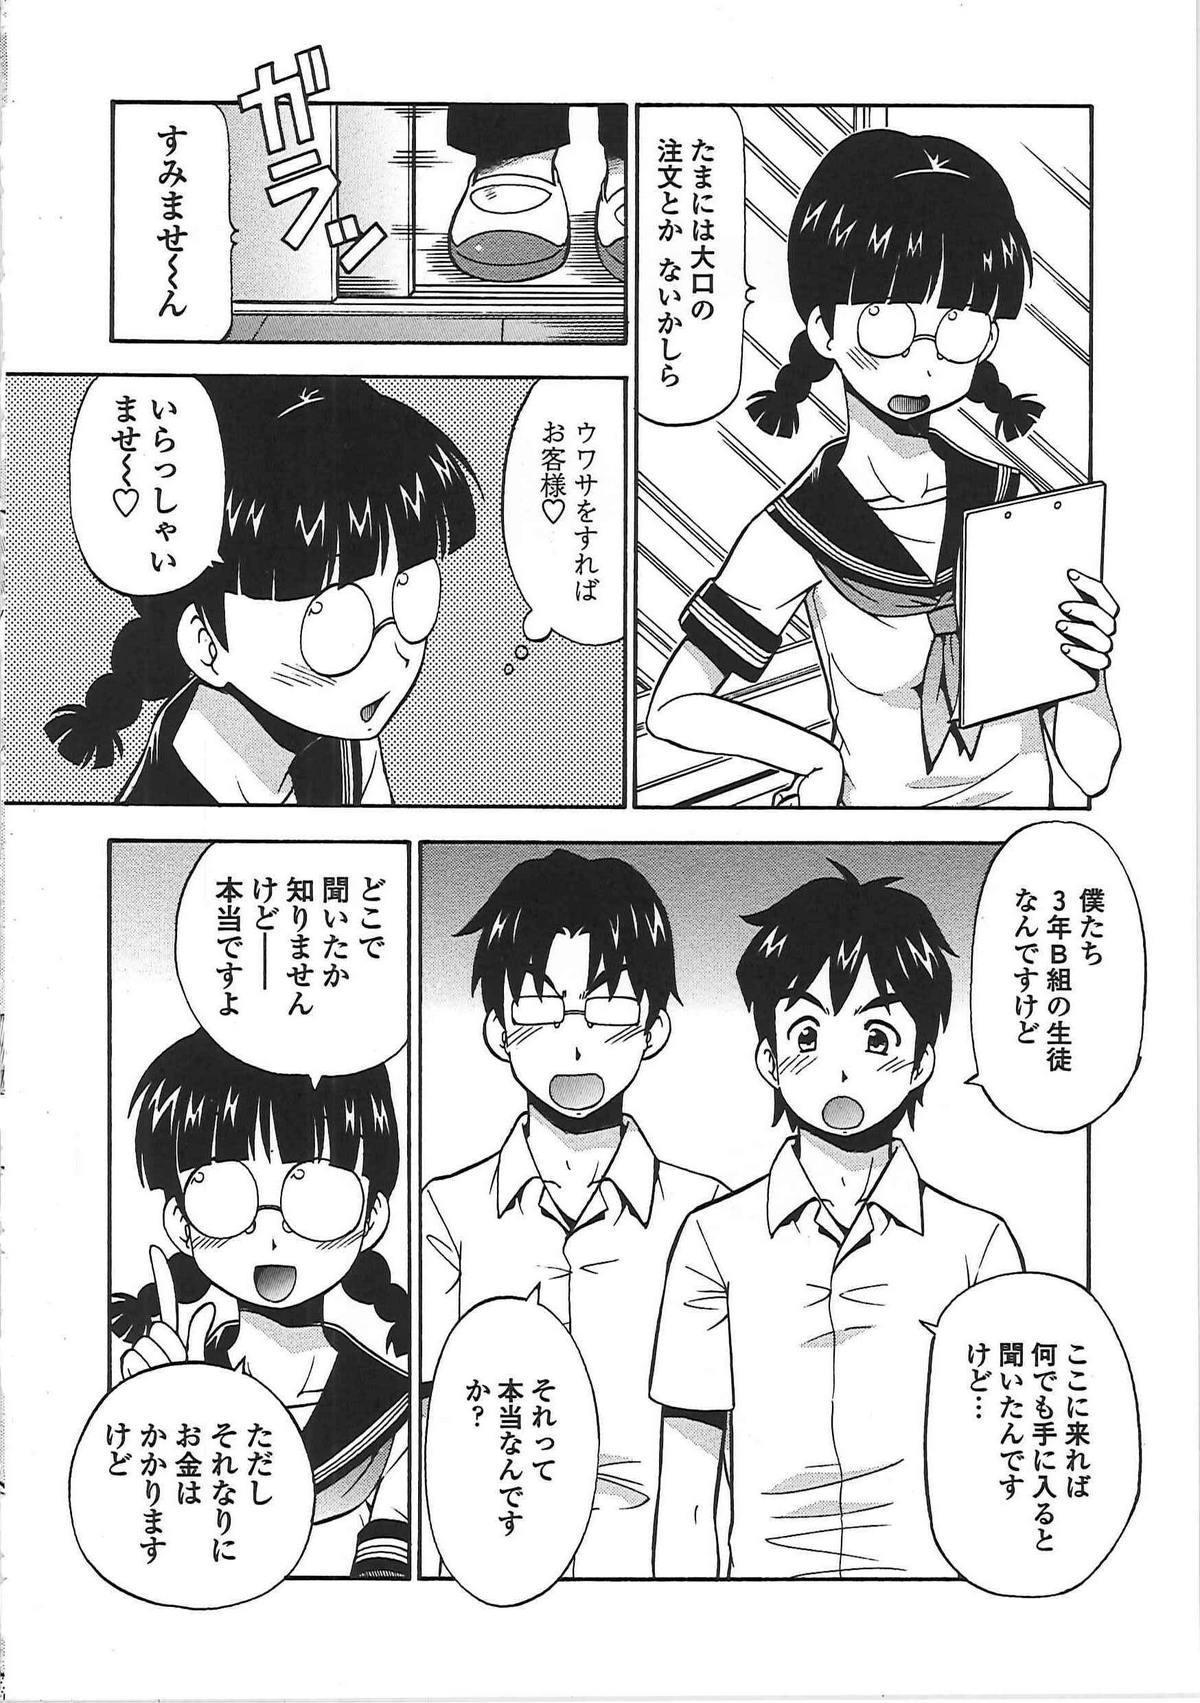 Hentai Iinchou 138